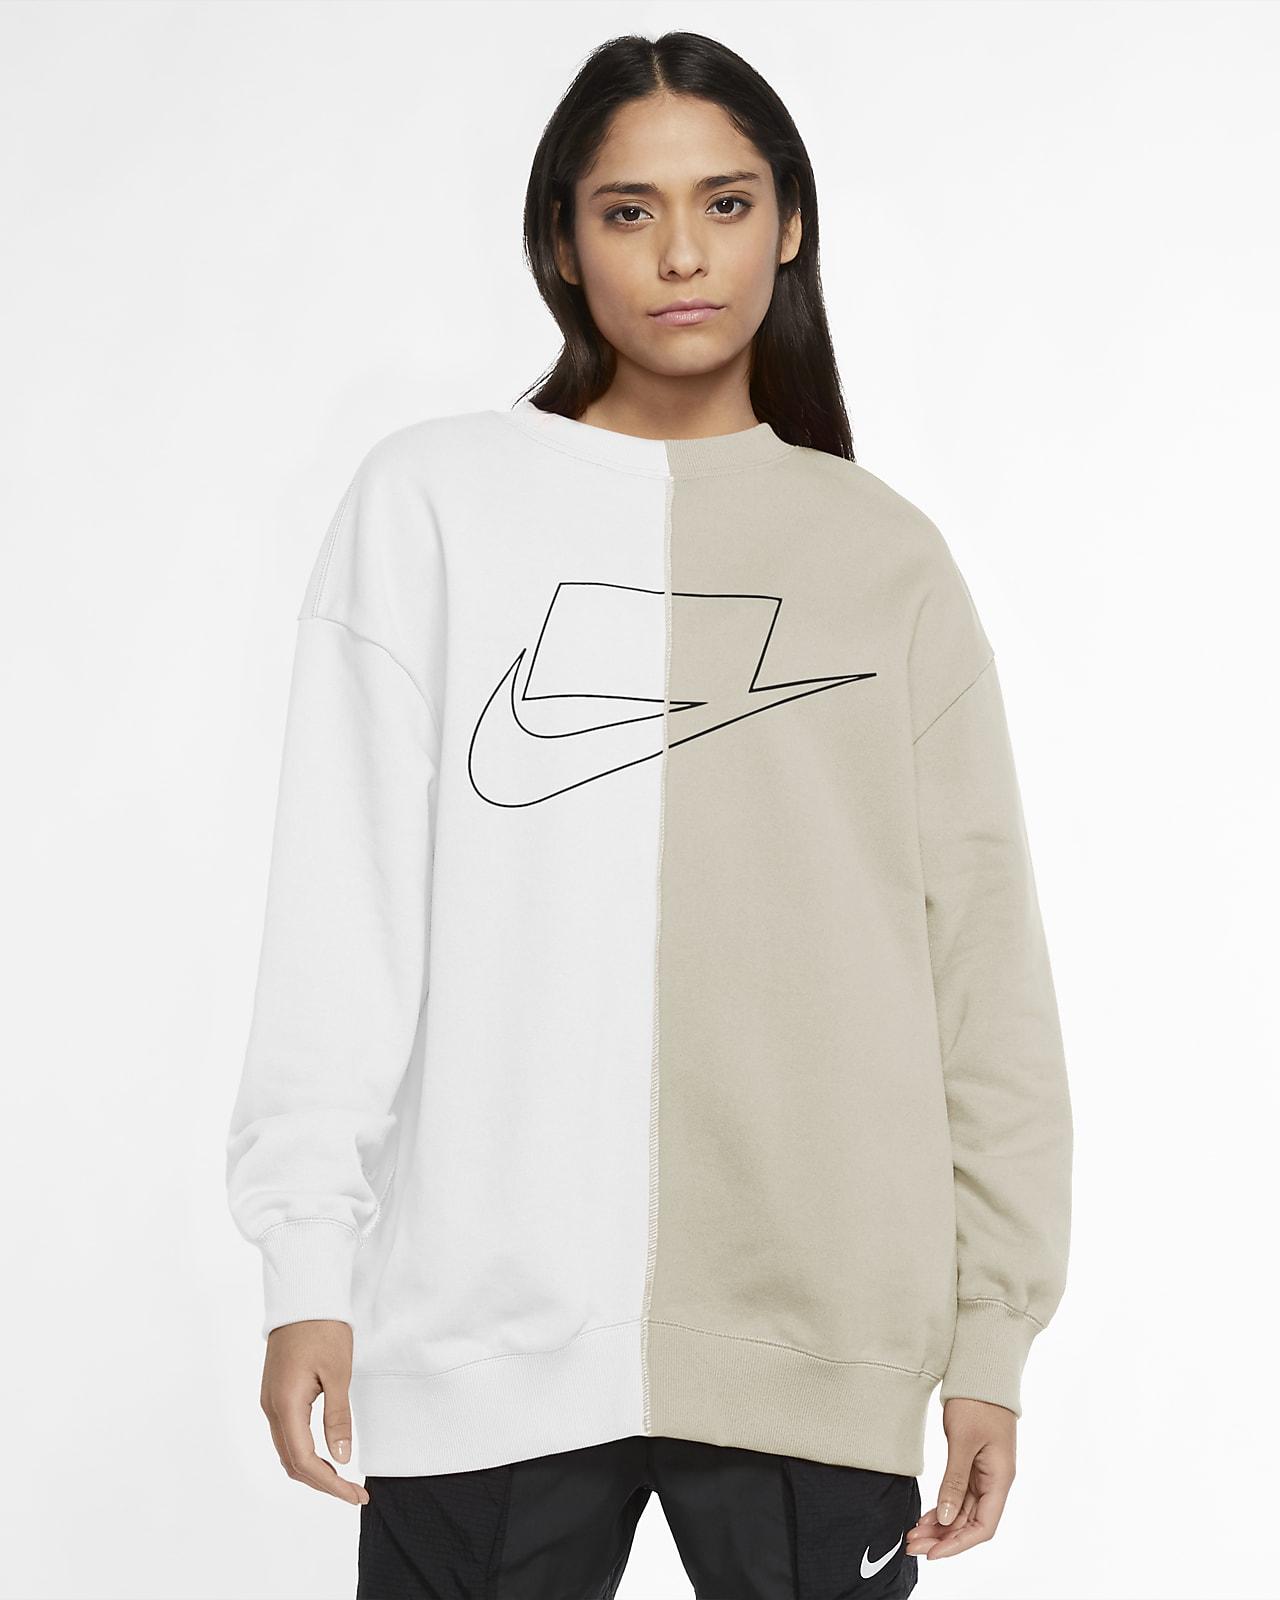 Dámská mikina Nike Sportswear NSW s kulatým výstřihem